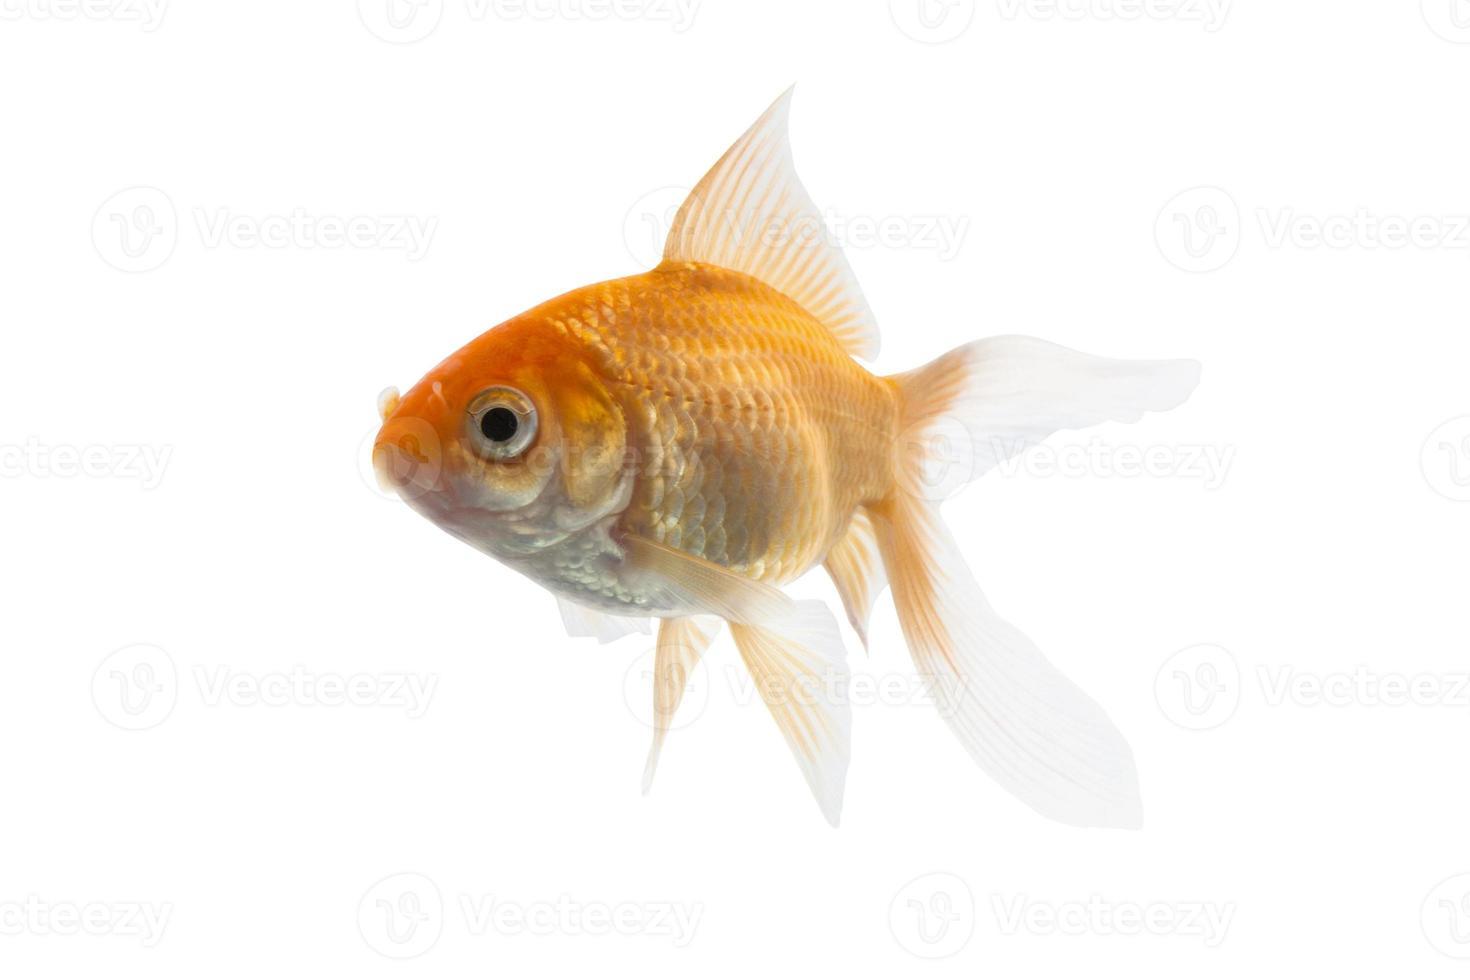 Golden koi fish photo